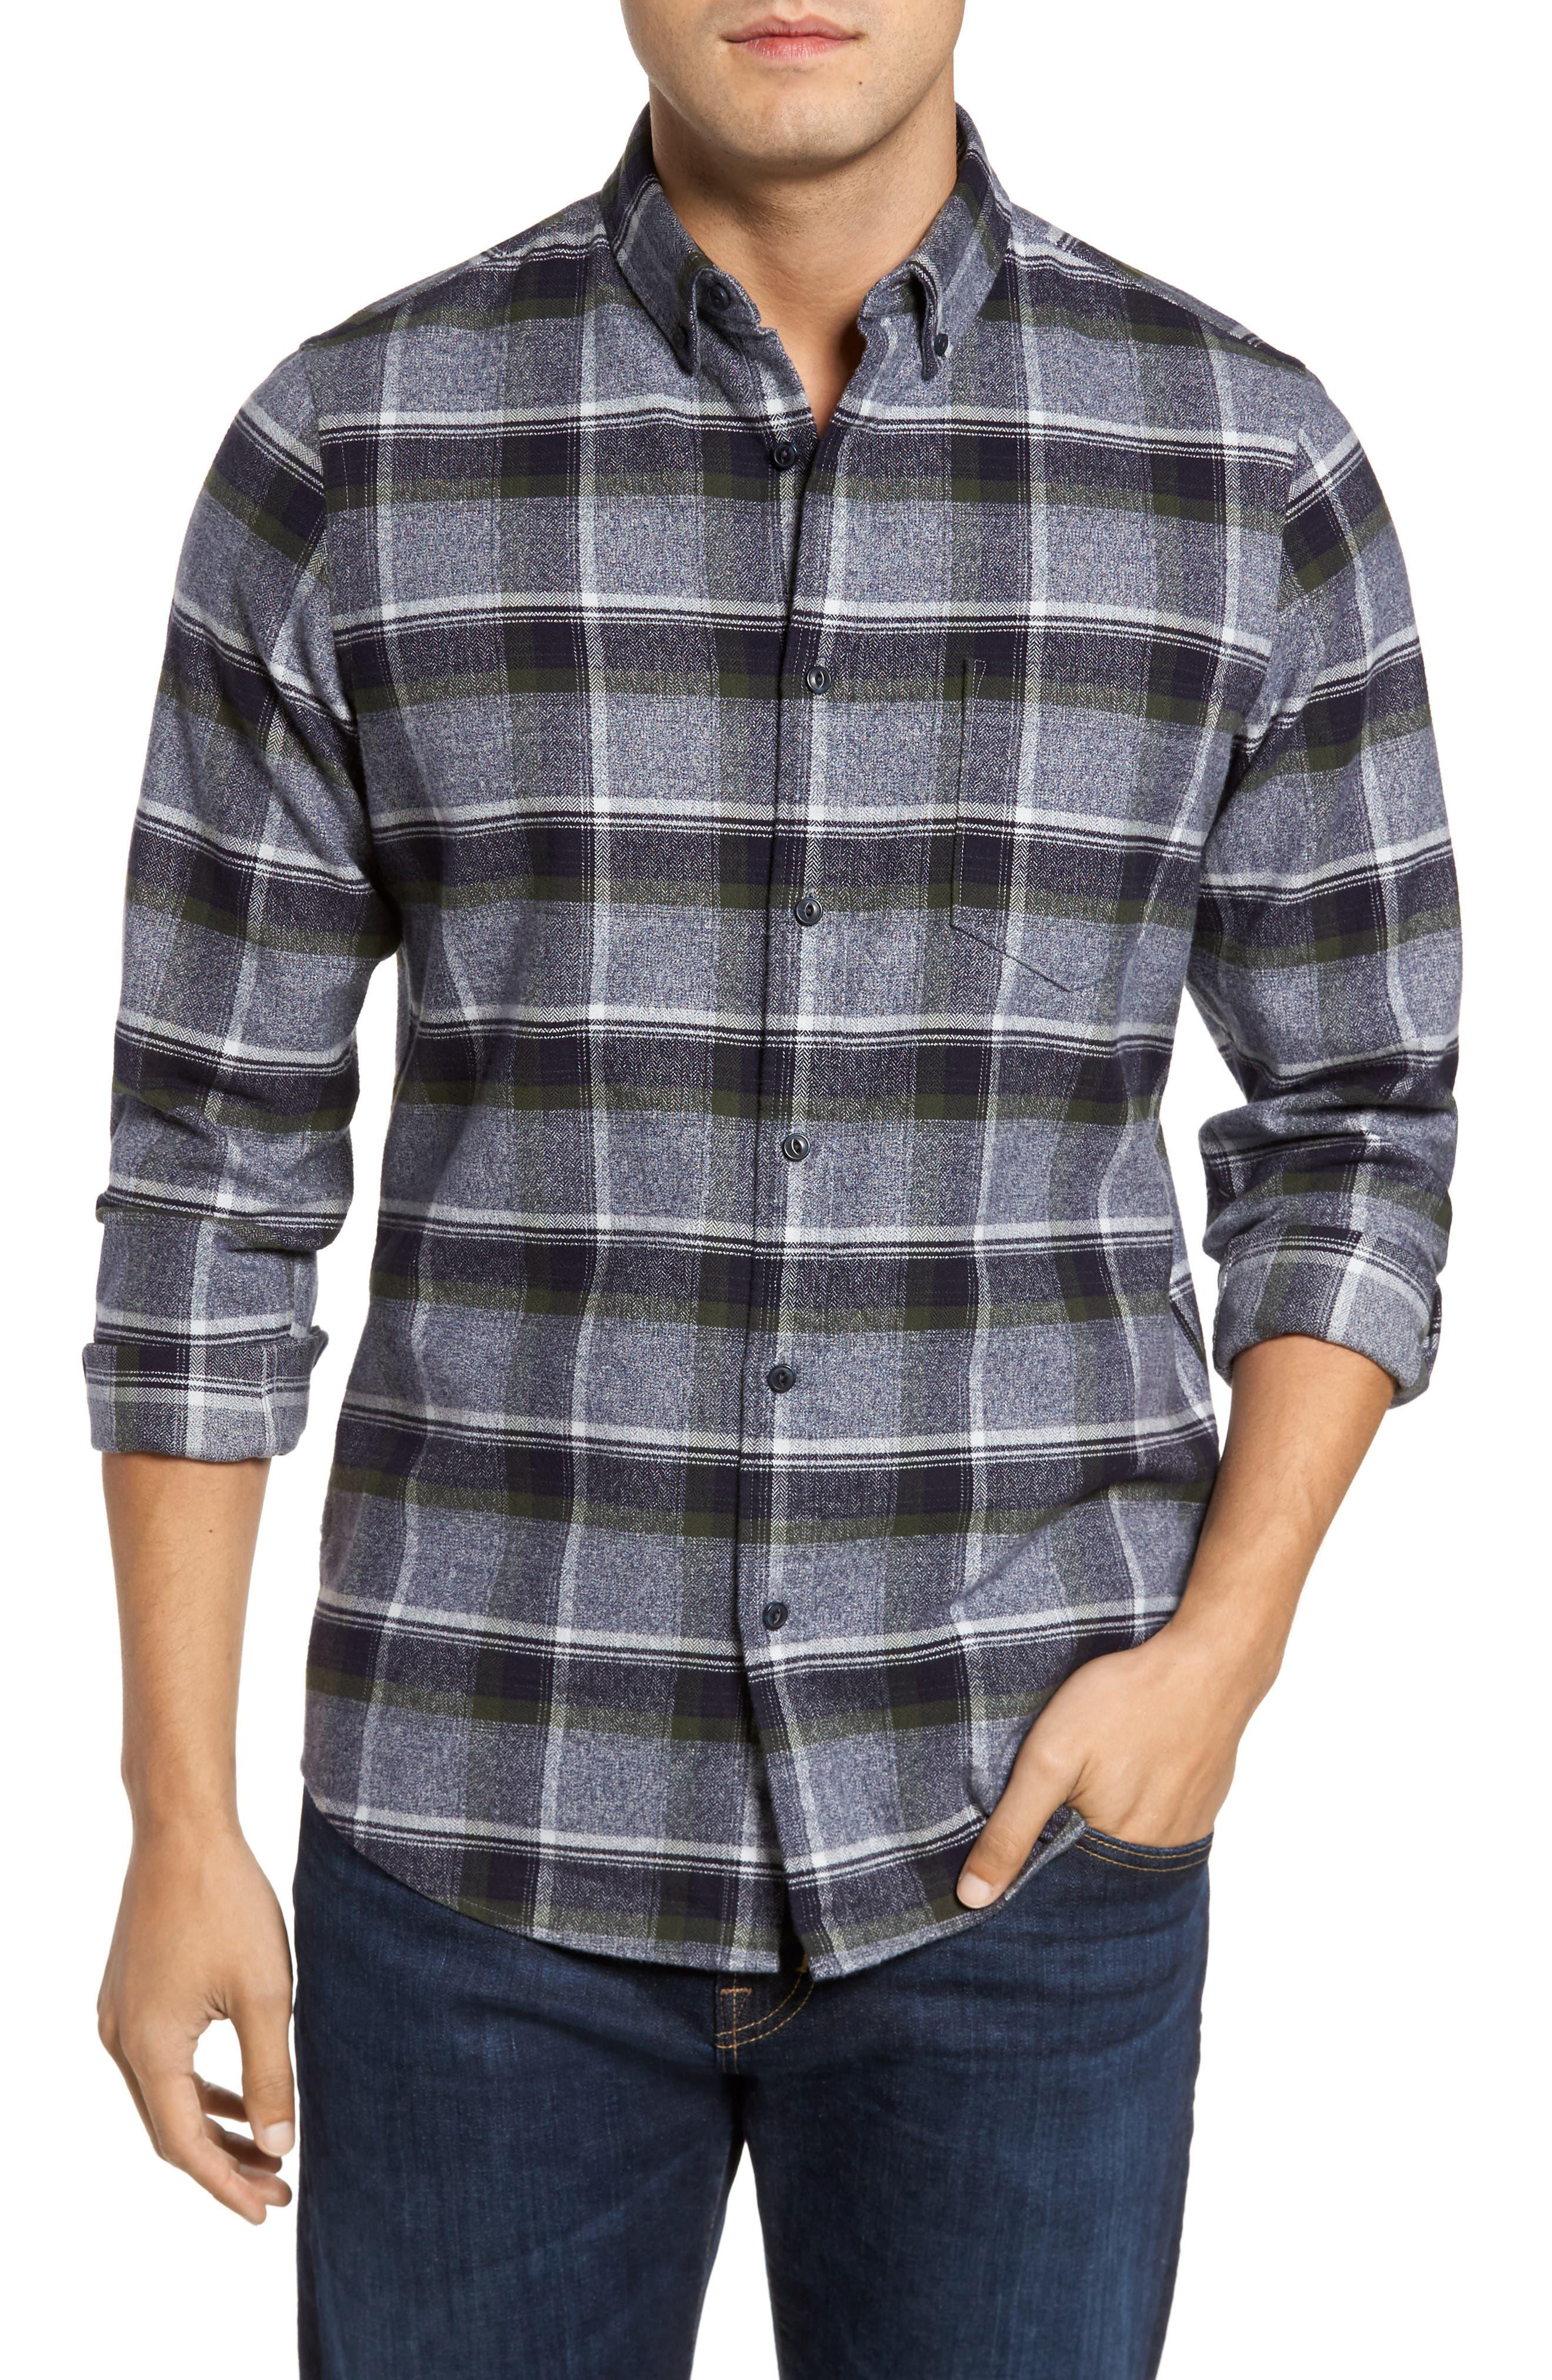 Alternate Image 1 Selected - Nordstrom Men's Shop Regular Fit Plaid Flannel Shirt